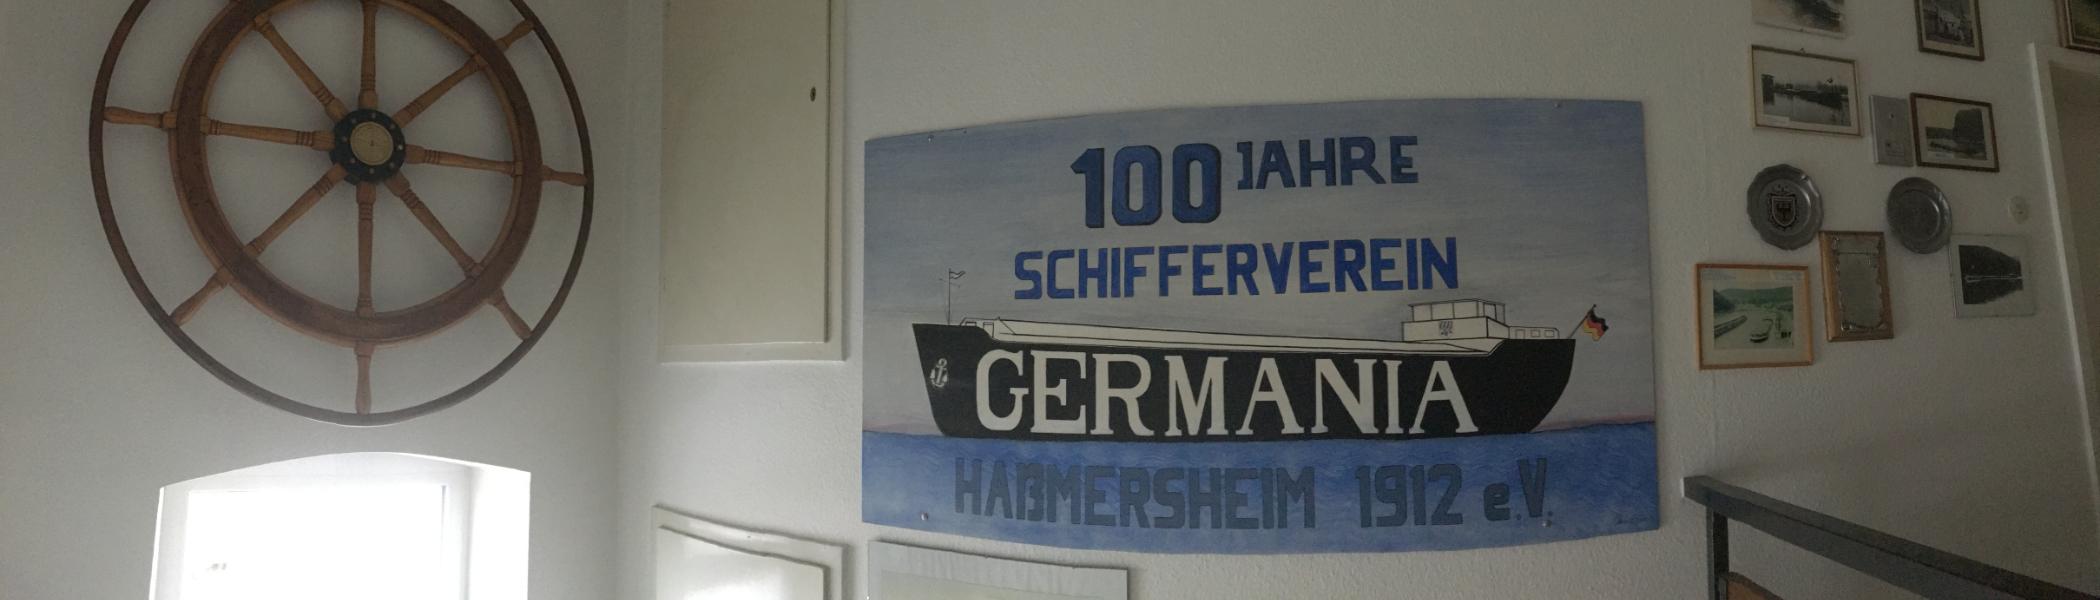 Schifferverein Haßmersheim